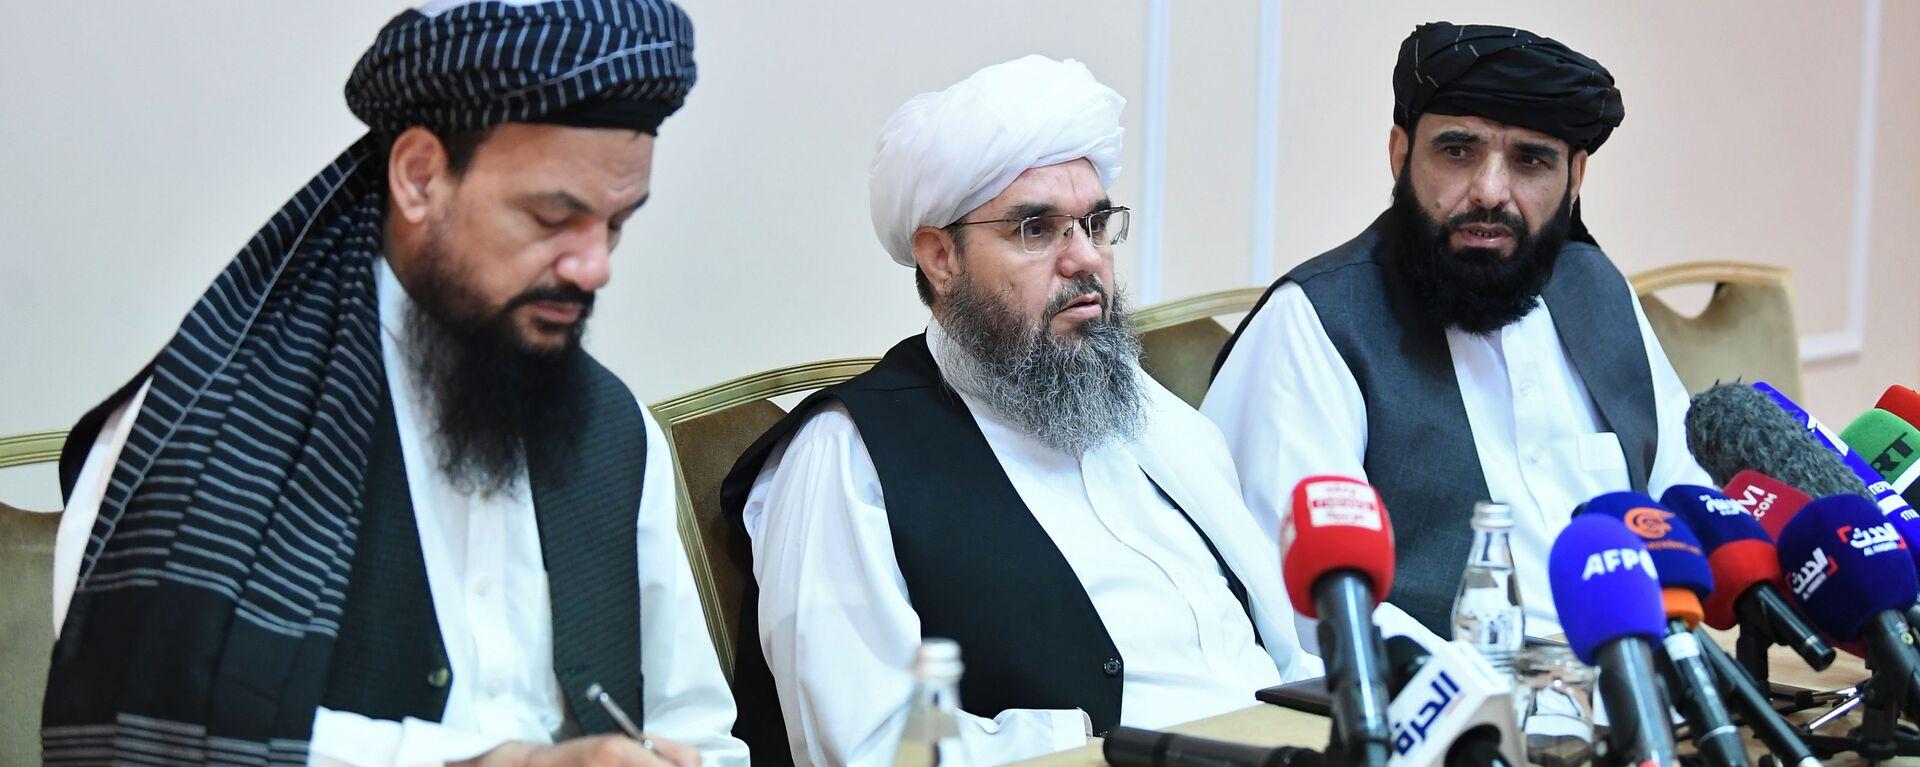 Талибани: Контролишемо већи део територије Авганистана - Sputnik Србија, 1920, 17.08.2021